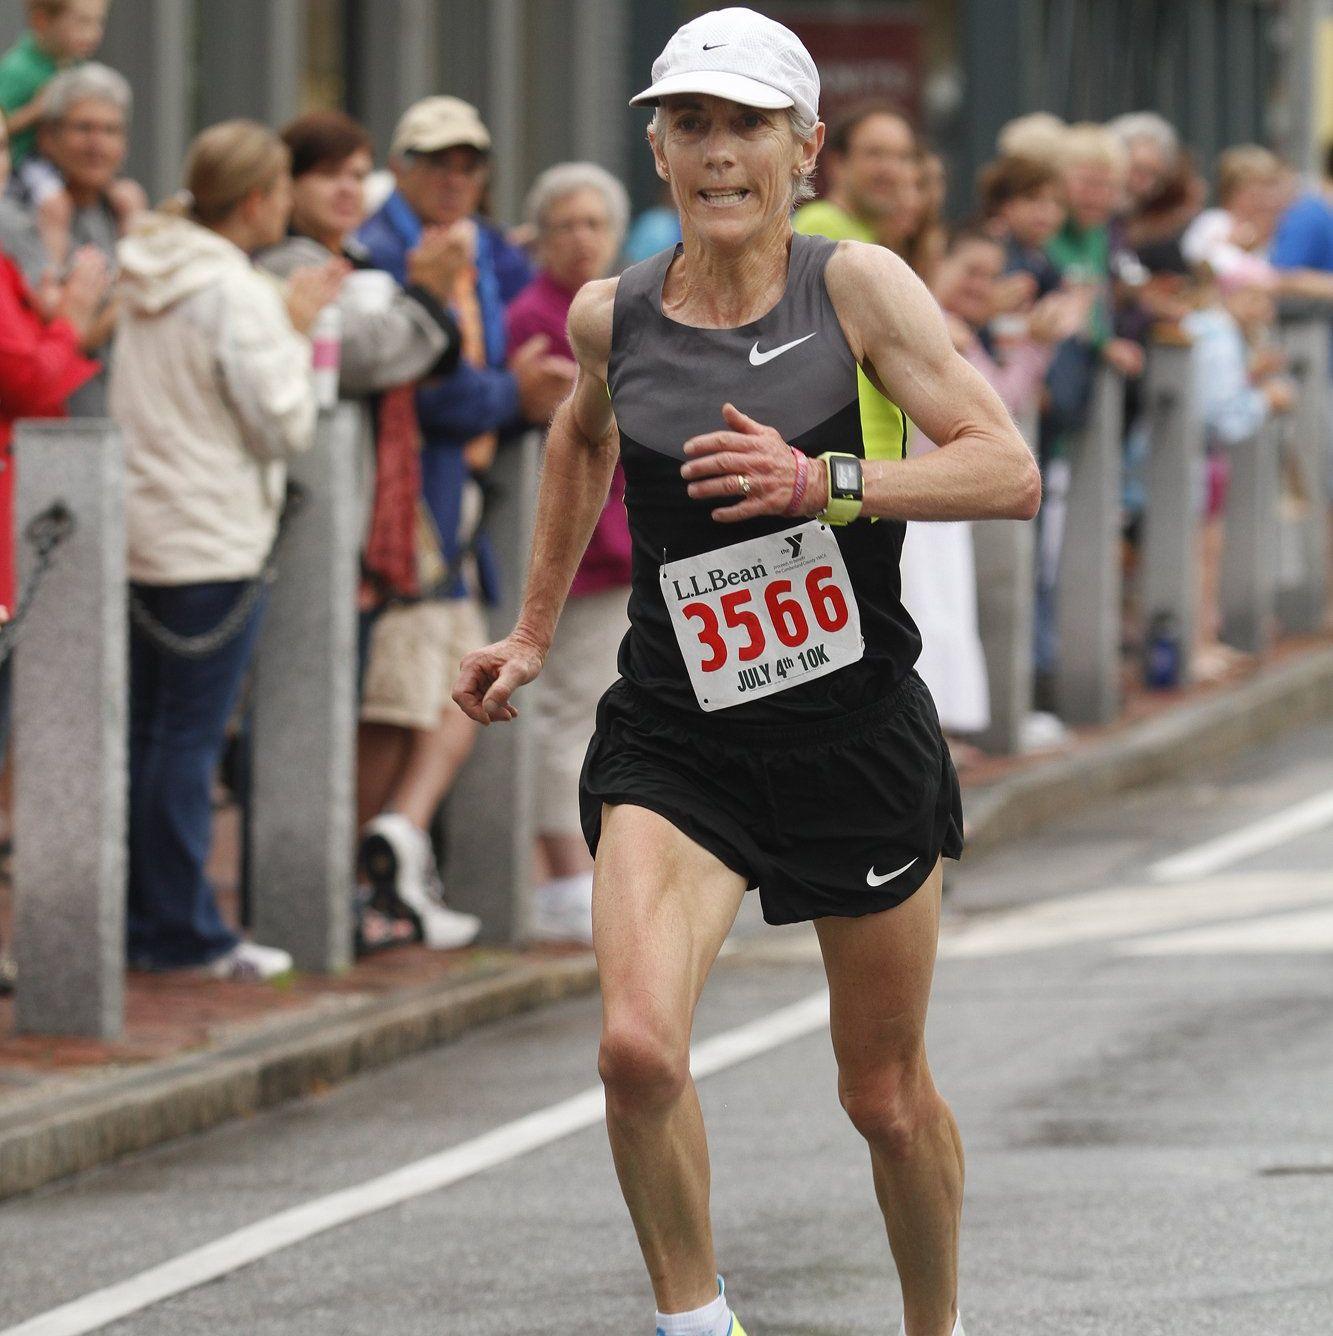 Joan Benoit Samuelson to Run Boston Marathon 40 Years After Historic Victory